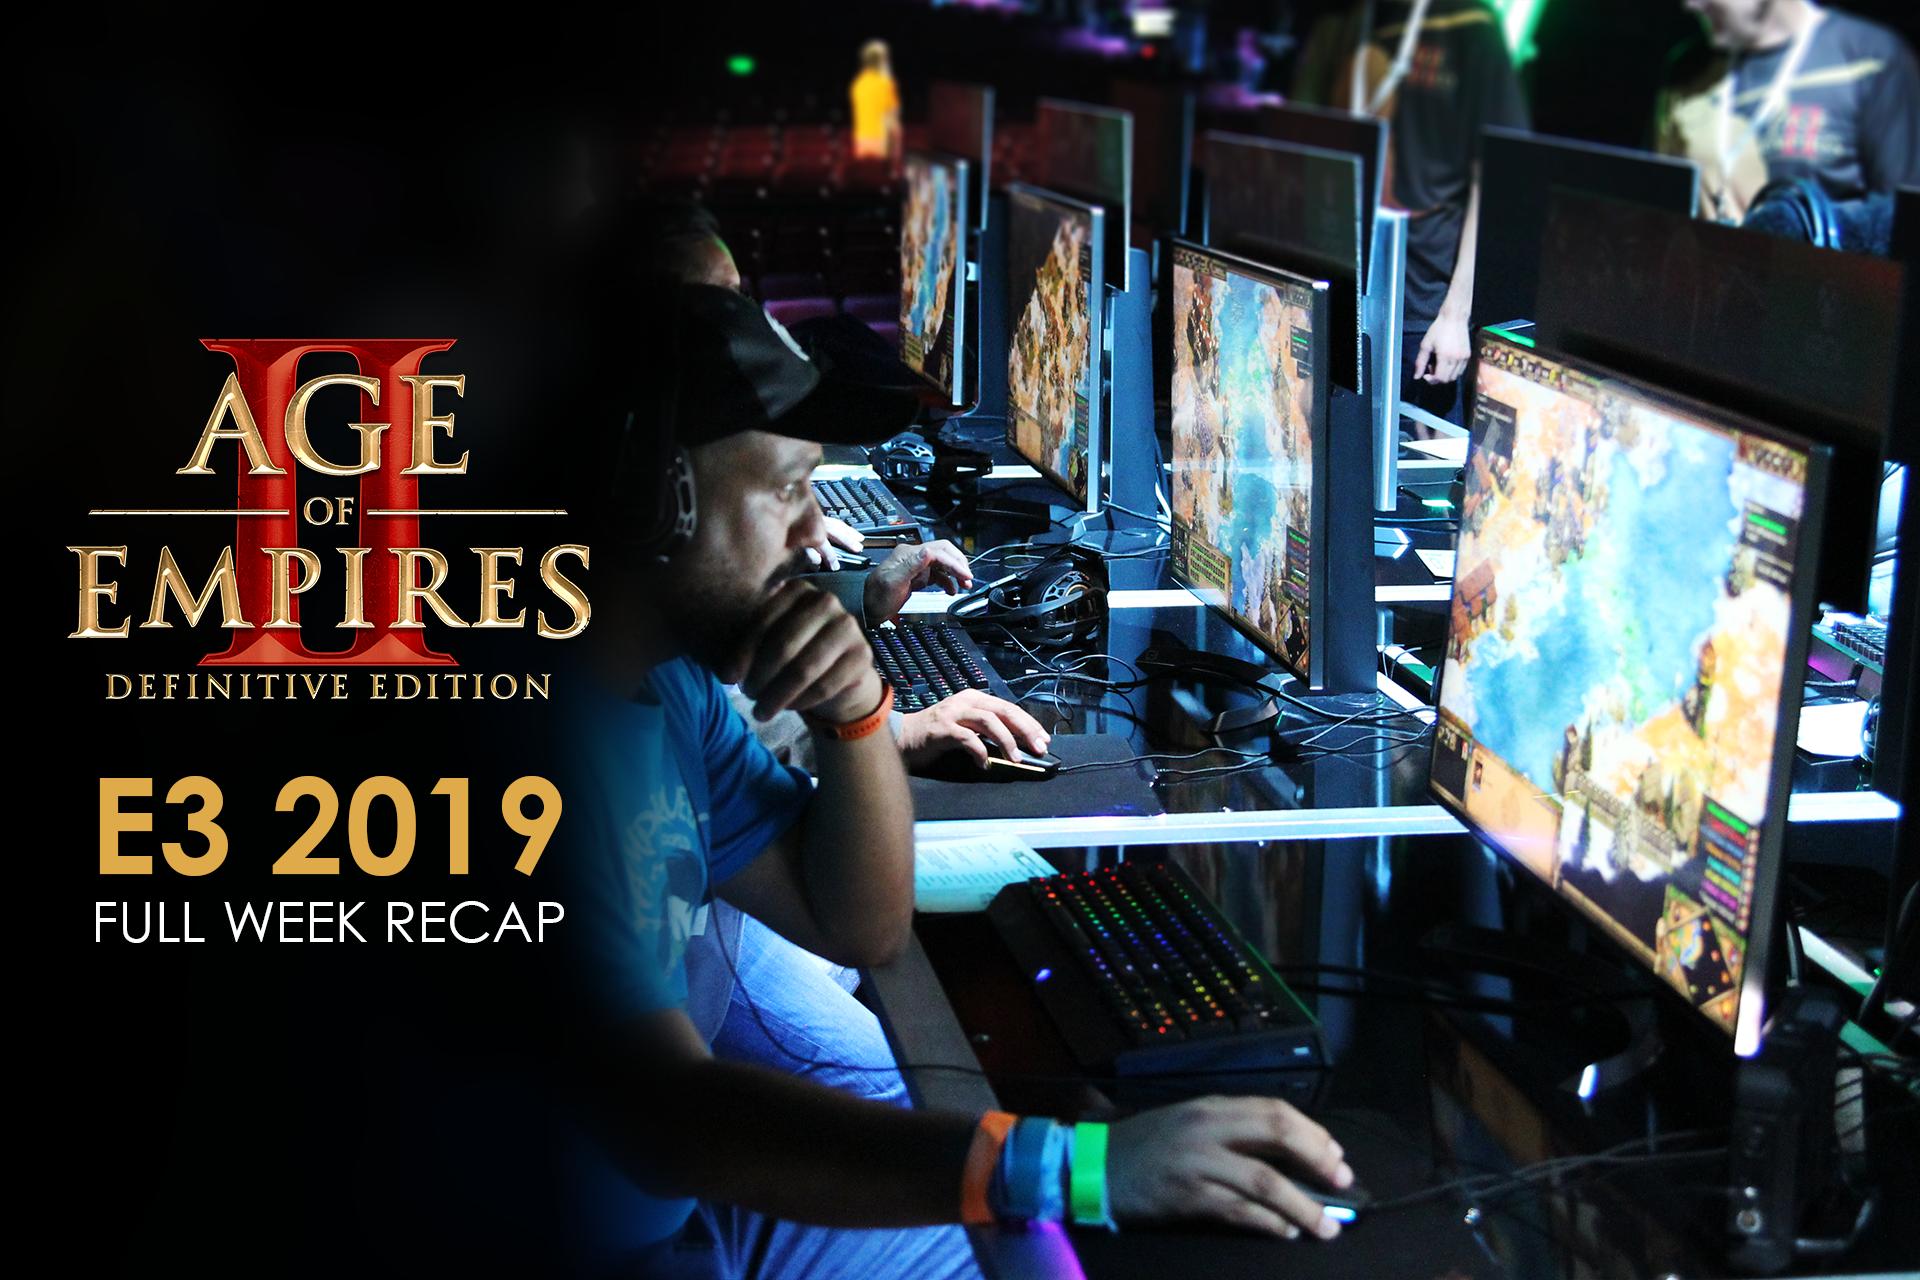 'E3 2019 Recap: A New Age for Empires!' thumbnail